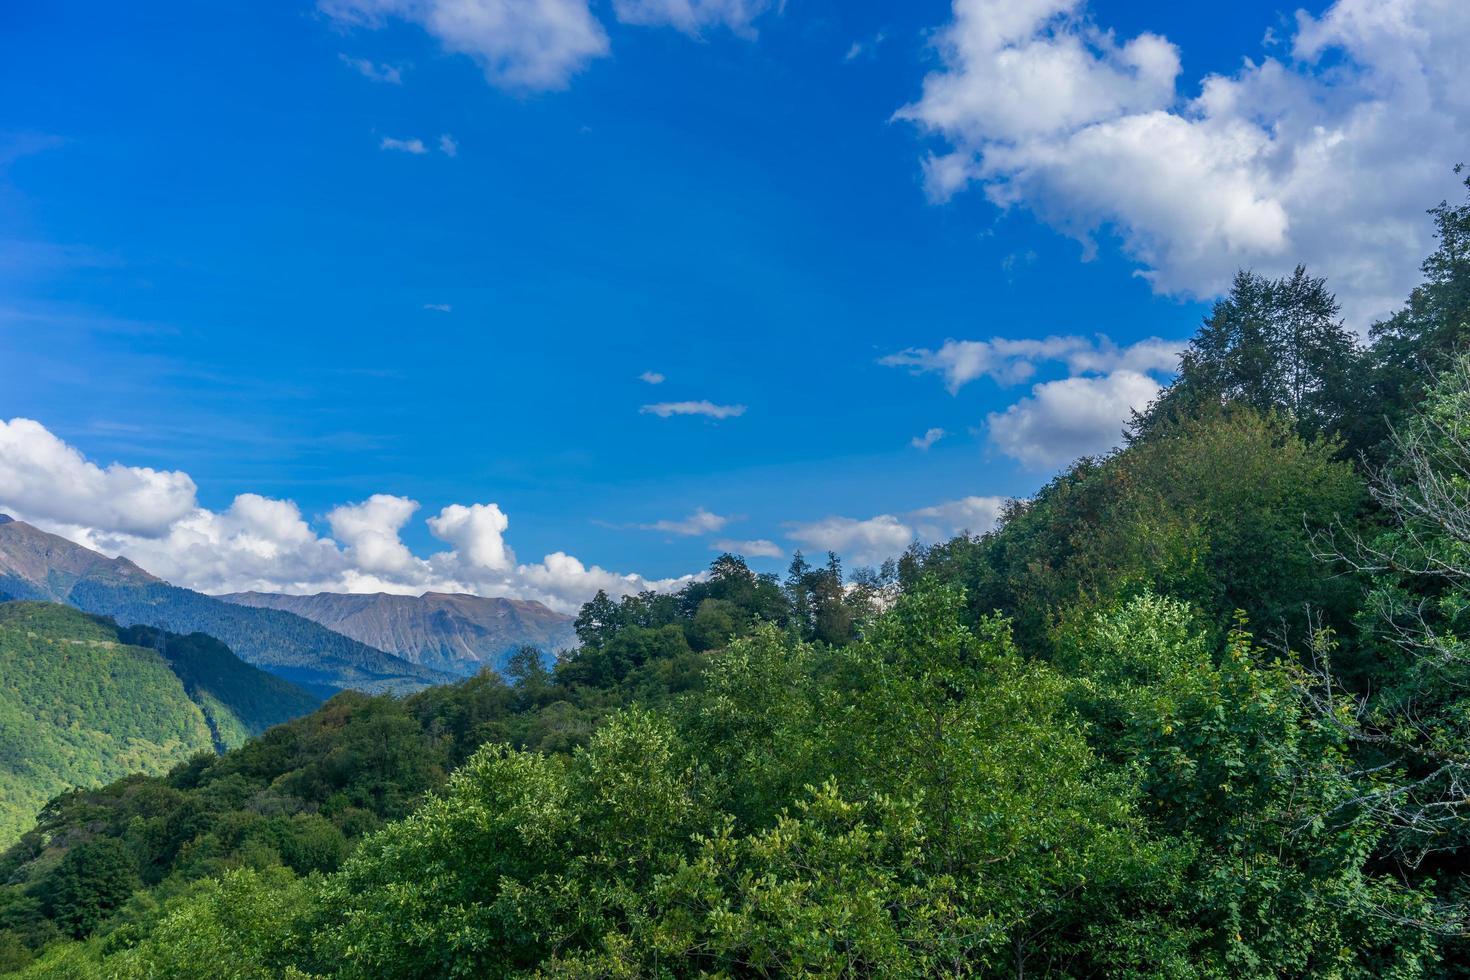 paesaggio di montagne e alberi contro un cielo blu nuvoloso foto